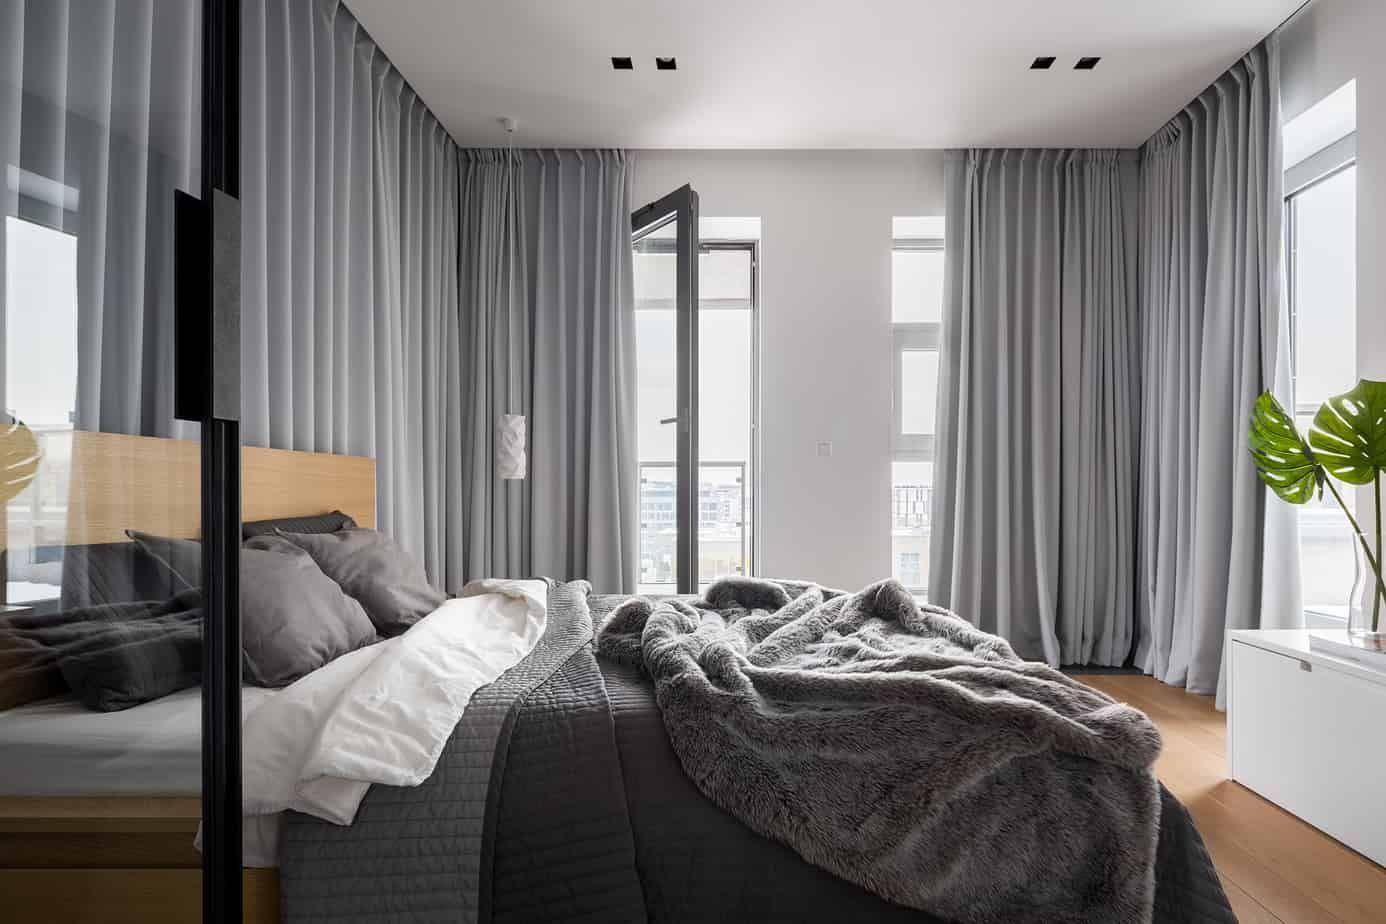 Top 10 Modern Curtain trends 2021 popular ideas, materials ...